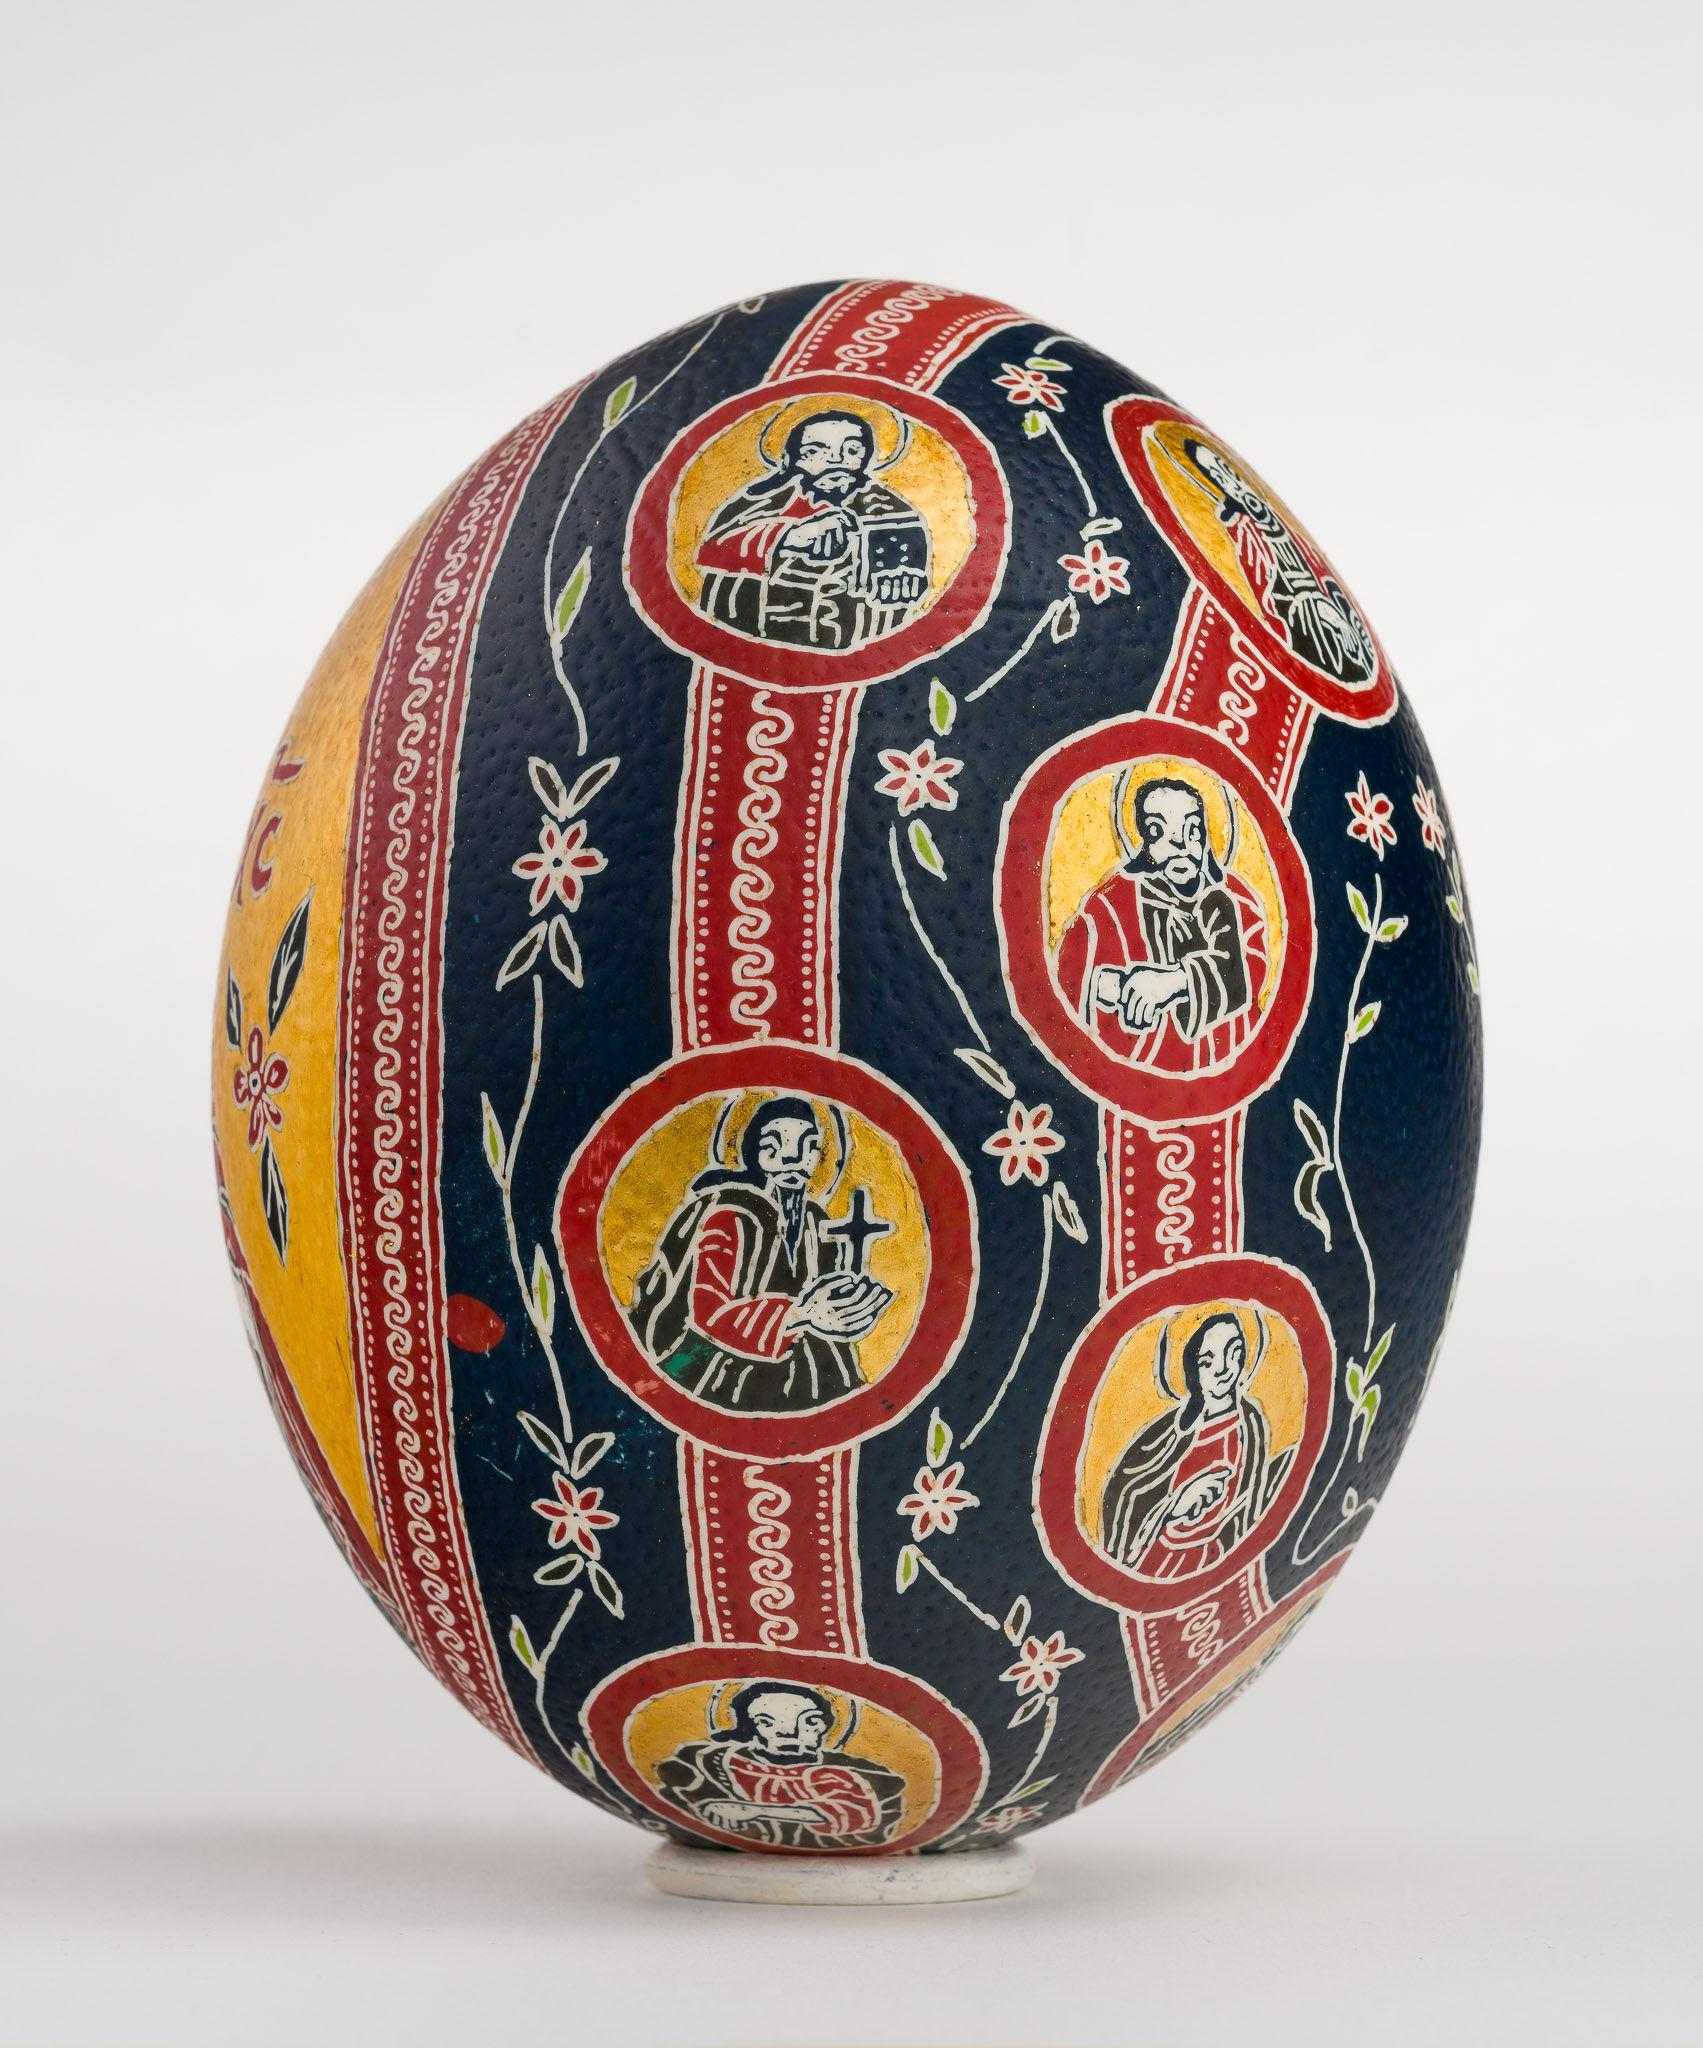 Icoană încondeiată pe ou de struț - Iisus Hristos cu Apostoli - maryando-101b.jpg